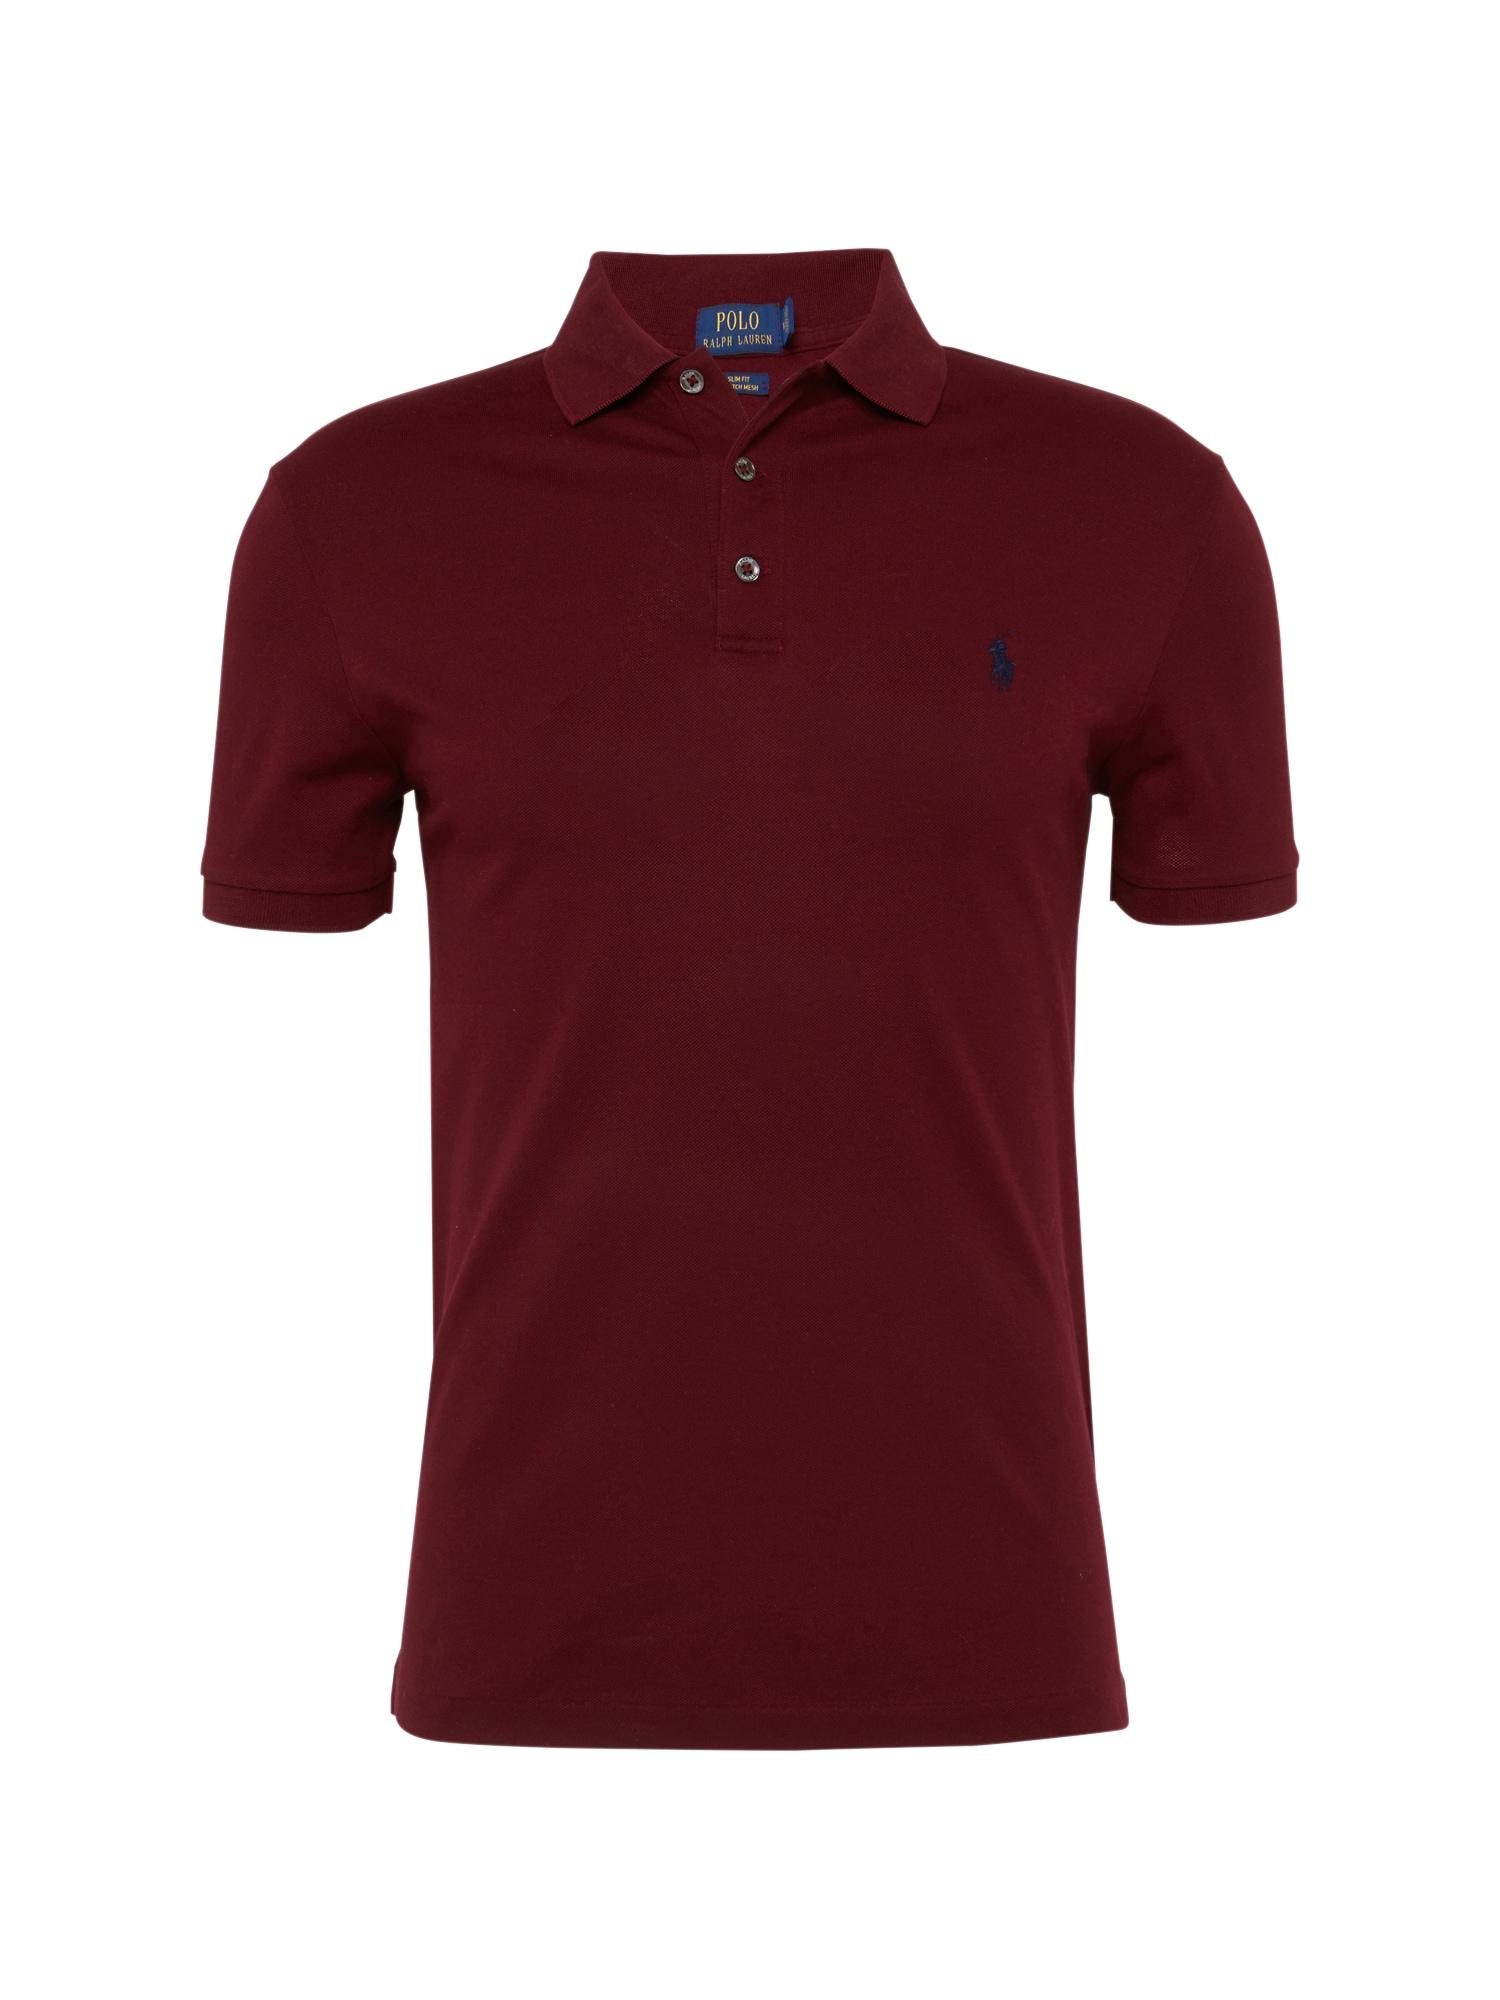 POLO RALPH LAUREN Marškinėliai vyno raudona spalva